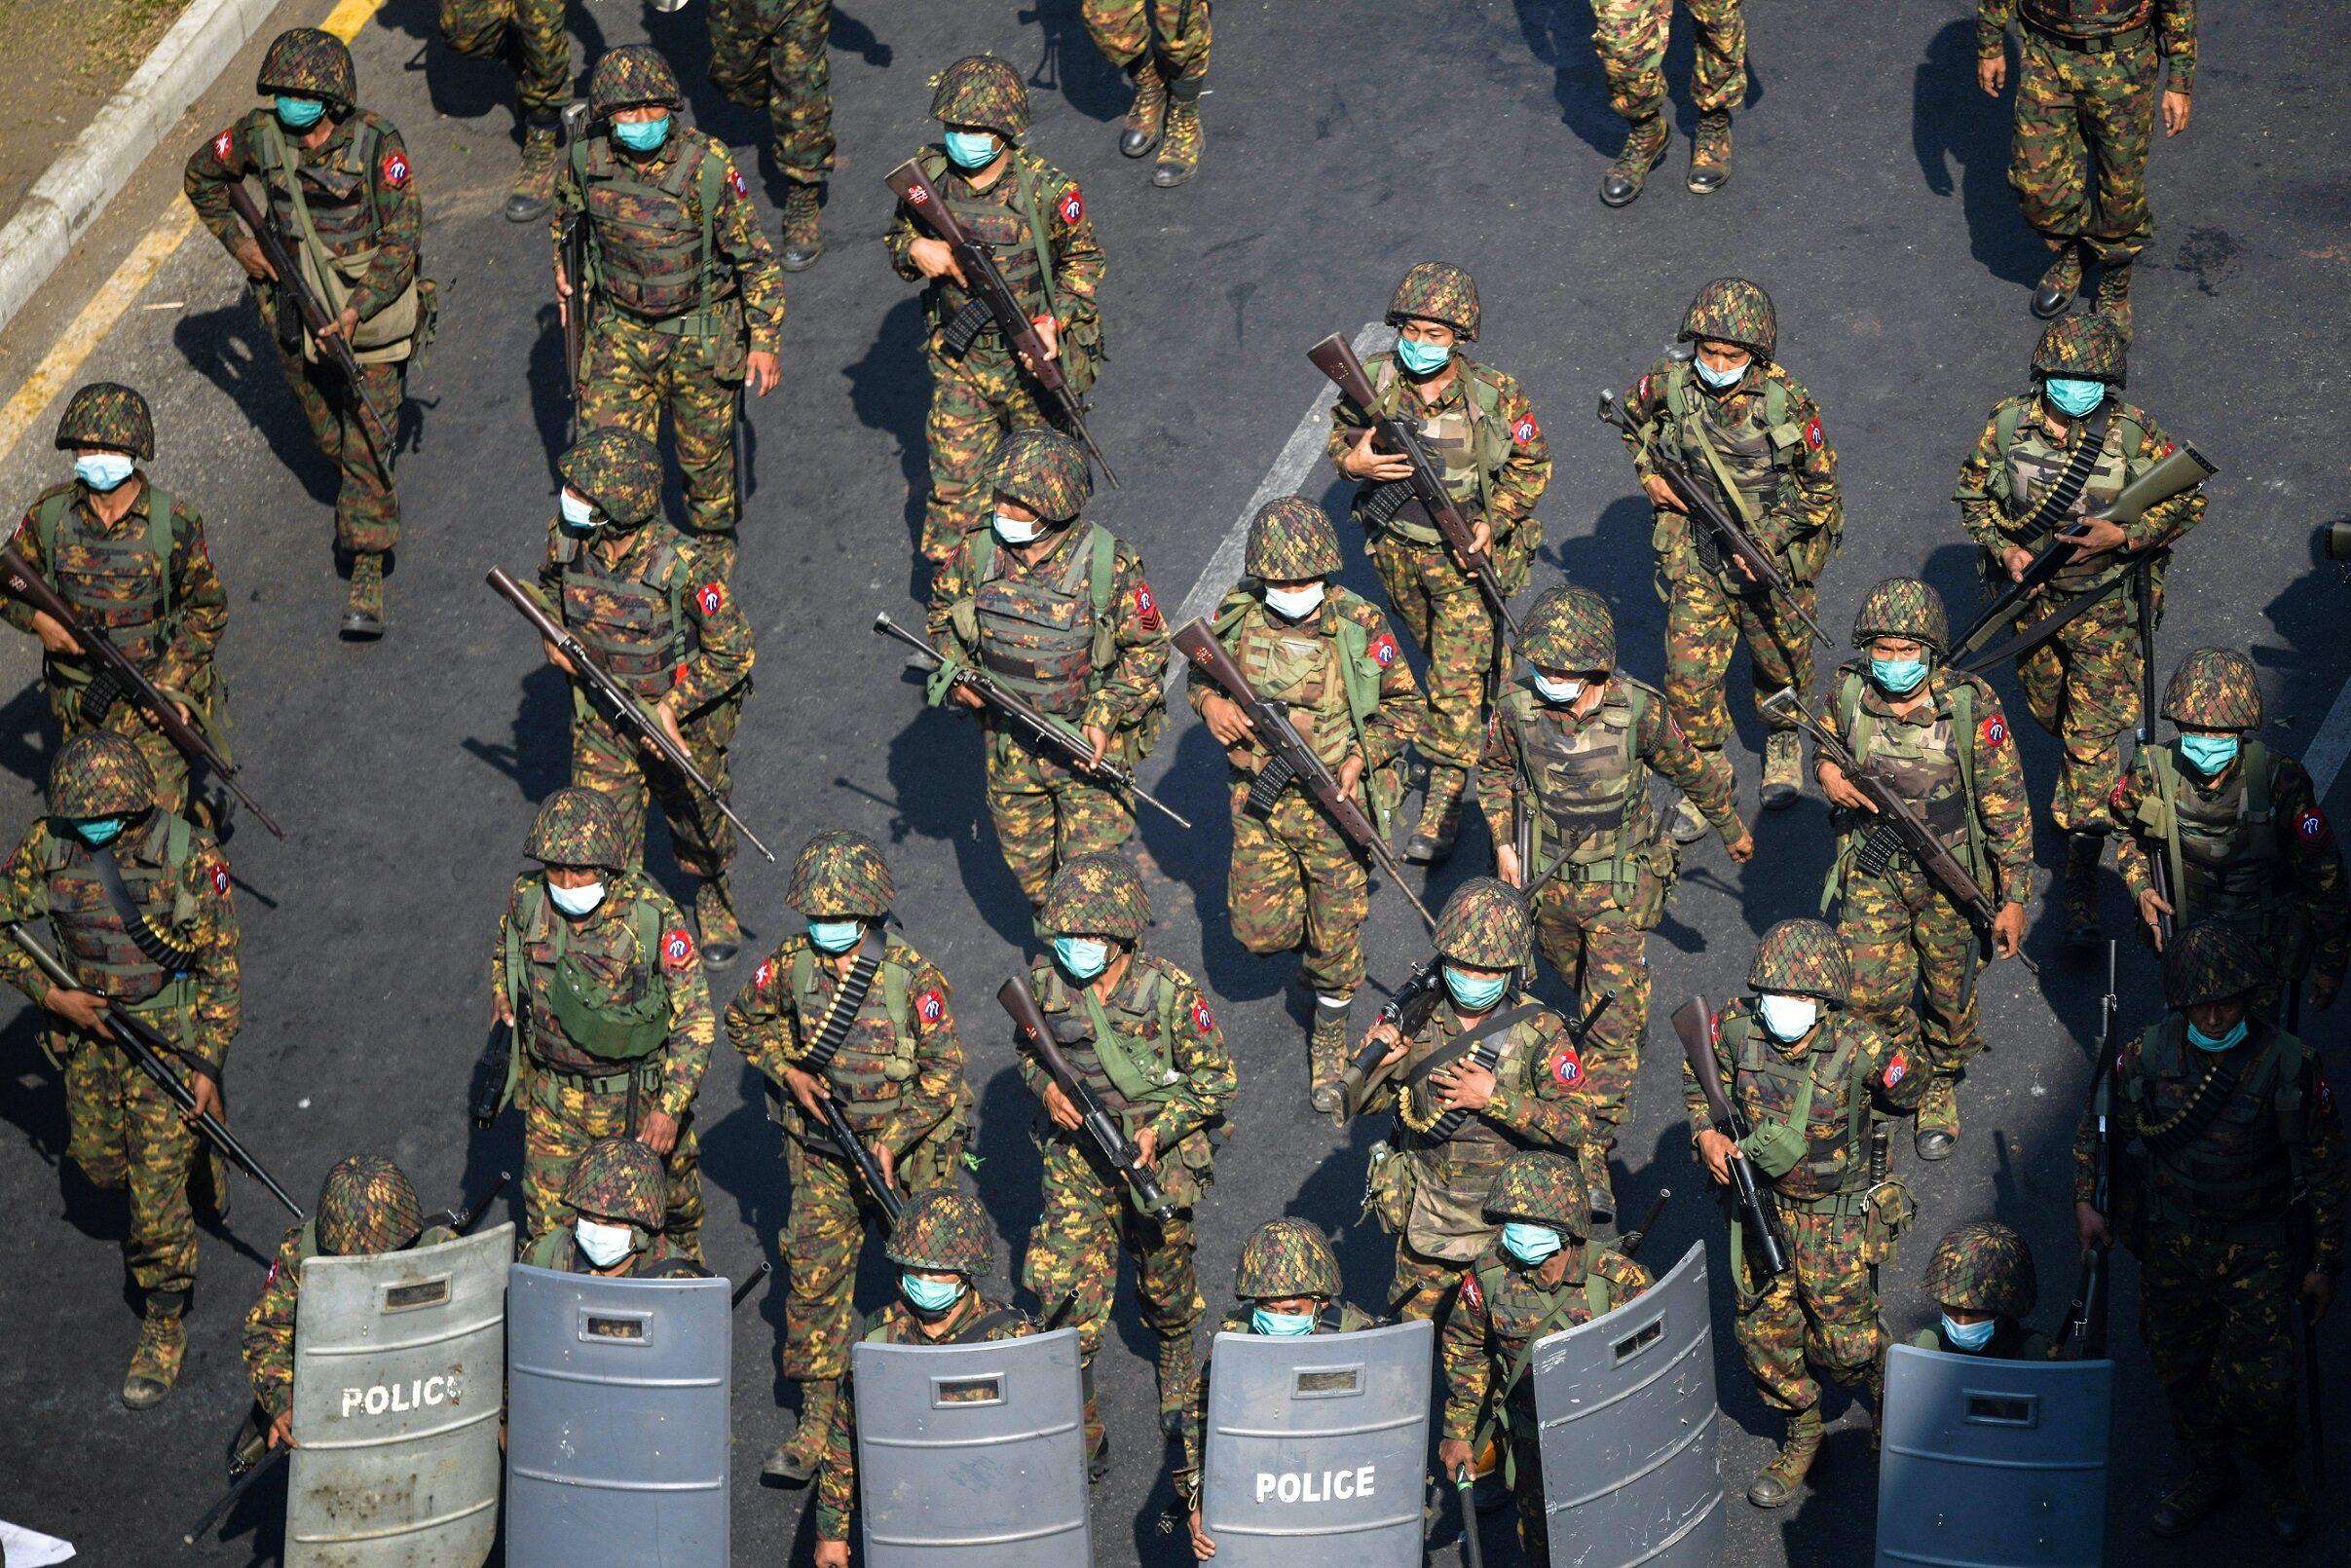 เมียนมาเล็งตั้งกองกำลังติดอาวุธประจำหมู่บ้าน รับมือกลุ่มต้านรัฐบาลทหาร